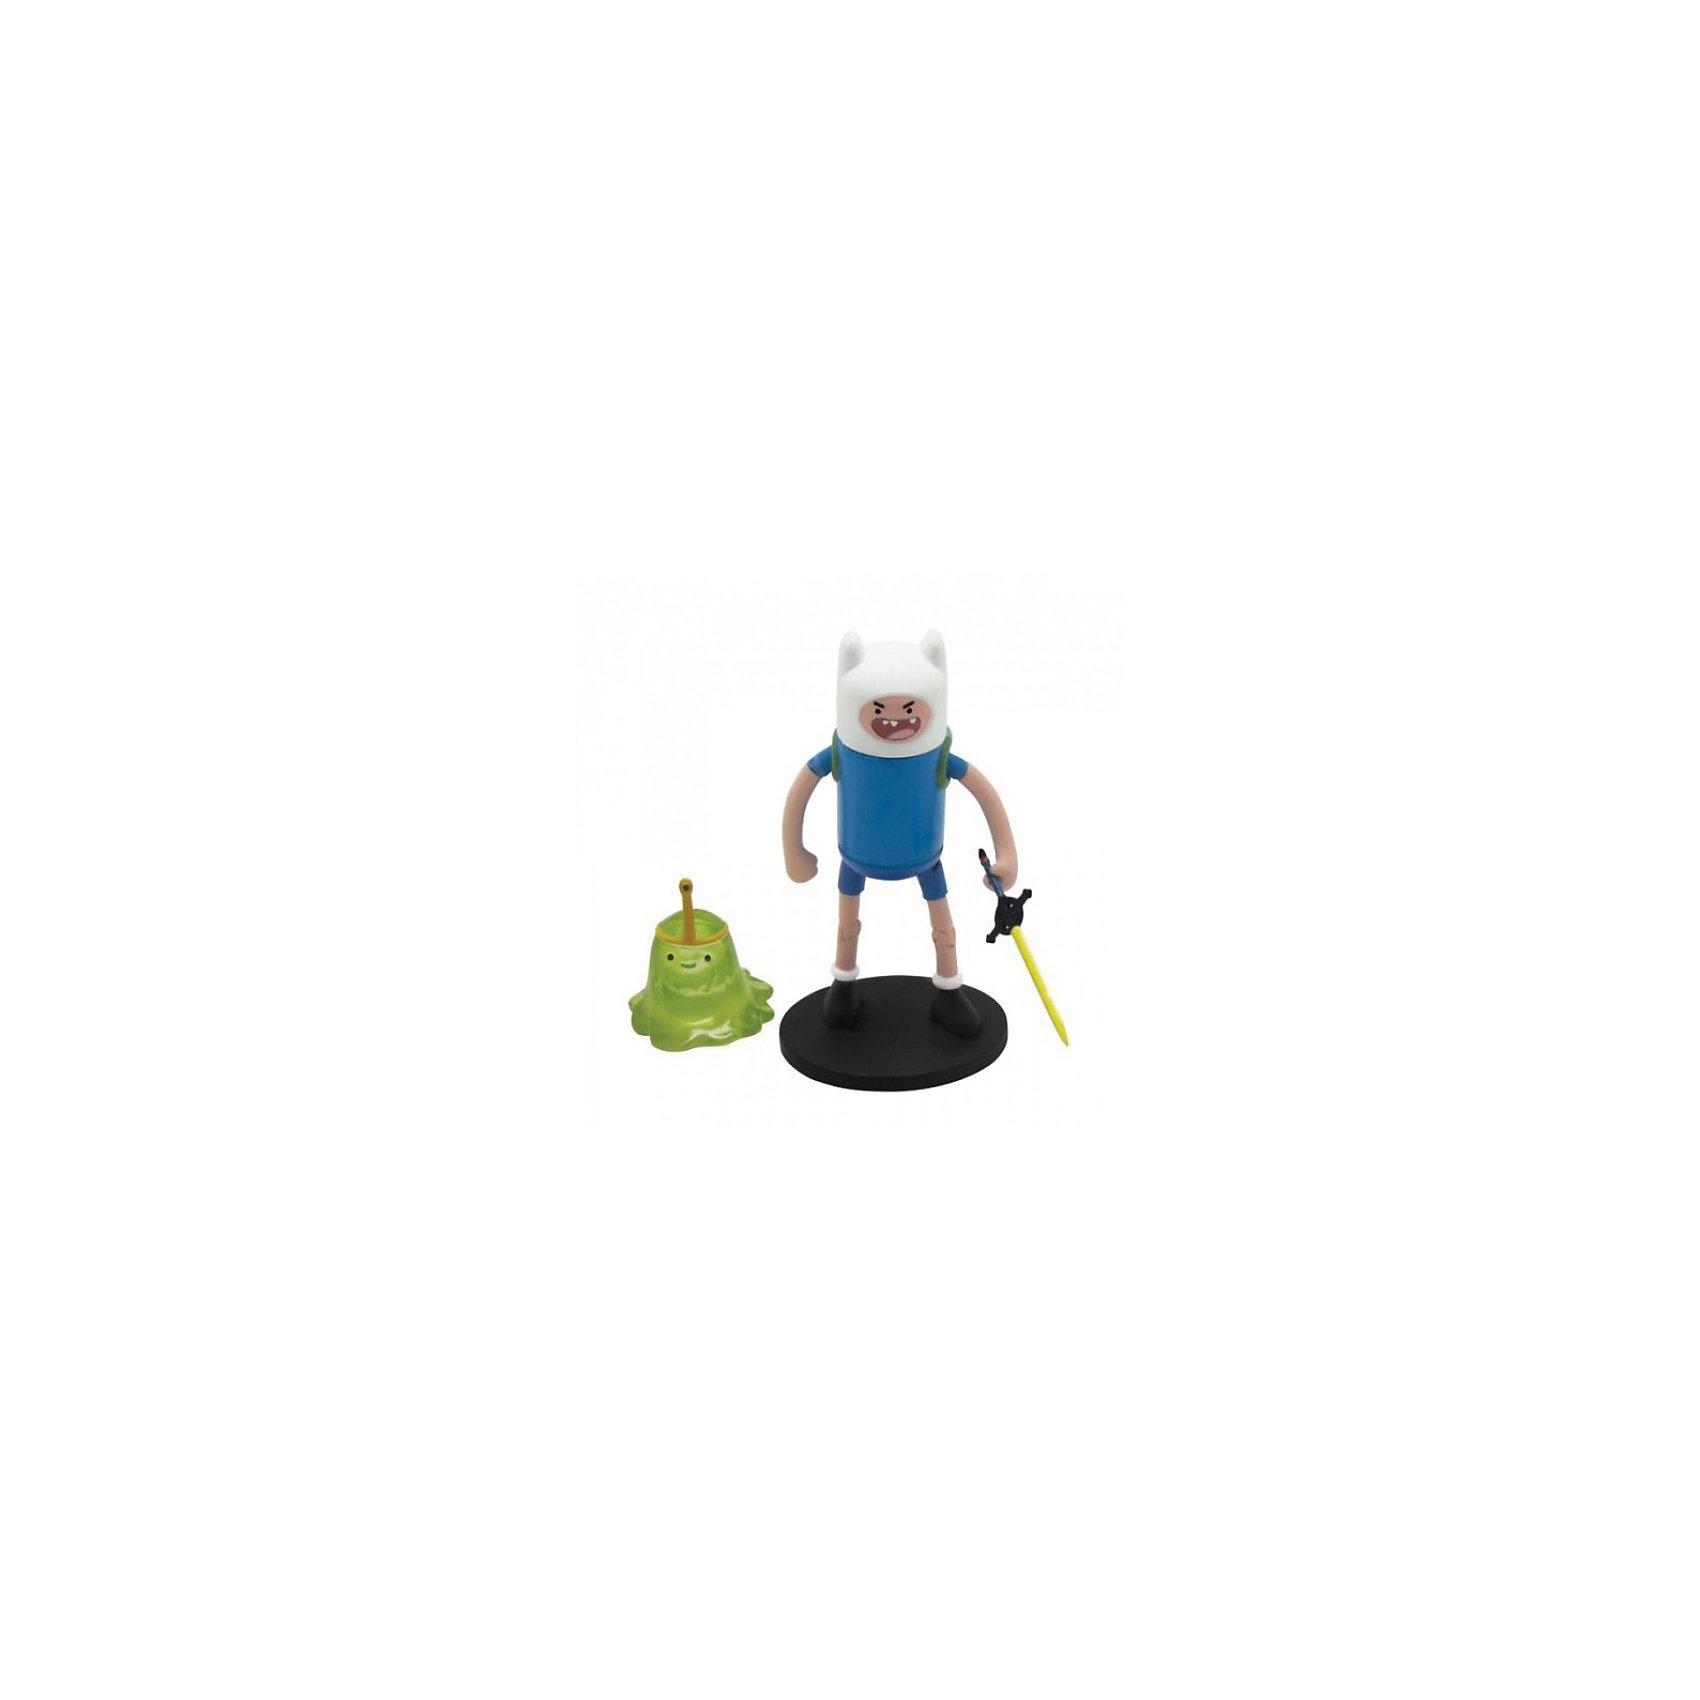 Фигурки Финн и Принцесса Слизь 2в1, 6см, Время приключенийКоллекционные и игровые фигурки<br>Фигурки Финн и Принцесса Слизь, 2 в 1, Adventure Time - забавные игрушки, созданные по мотивам американского мультсериала Adventure Time (Время приключений), повествующего о необыкновенных и веселых приключениях мальчика Финна и его волшебной собаки Джейка. Набор станет приятным сюрпризом для всех поклонников этого мультсериала. В комплекте две фигурки: мальчика Финн и принцессы Слизь. Фигурка Финна выполнена из эластичного материала и может принимать  различные положения, руки и ноги подвижны, тело поворачивается. В набор также входит меч, с помощью которого Финн борется со злодеями.<br><br>Дополнительная информация:<br><br>- В комплекте: 2 фигурки, меч.<br>- Материал: пластик.<br>- Размер фигурки Финна: 6 см.<br>- Размер фигурки Принцесса Слизь: 3 см.<br>- Размер упаковки: 20 х 15 х 5 см.<br>- Вес: 0,35 кг.<br><br>Фигурки Финн и Принцесса Слизь, 2 в 1, Adventure Time можно купить в нашем интернет-магазине.<br><br>Ширина мм: 55<br>Глубина мм: 150<br>Высота мм: 180<br>Вес г: 350<br>Возраст от месяцев: 48<br>Возраст до месяцев: 192<br>Пол: Унисекс<br>Возраст: Детский<br>SKU: 3841371